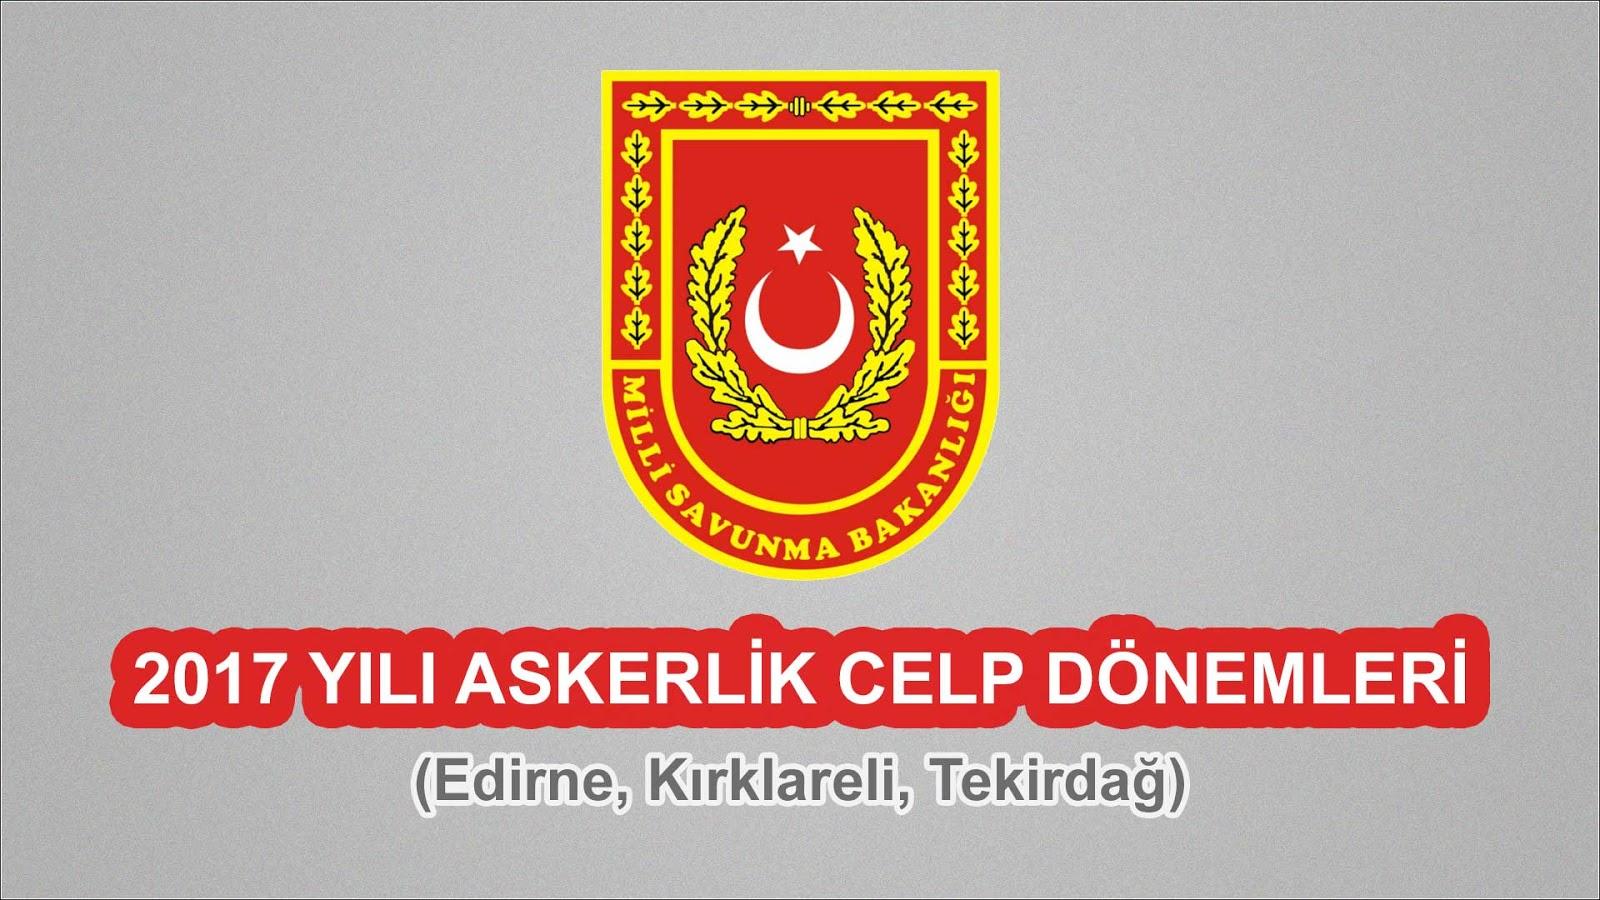 2017 Yılı Giresun, Ordu, Rize, Trabzon Askerlik Celp Dönemleri